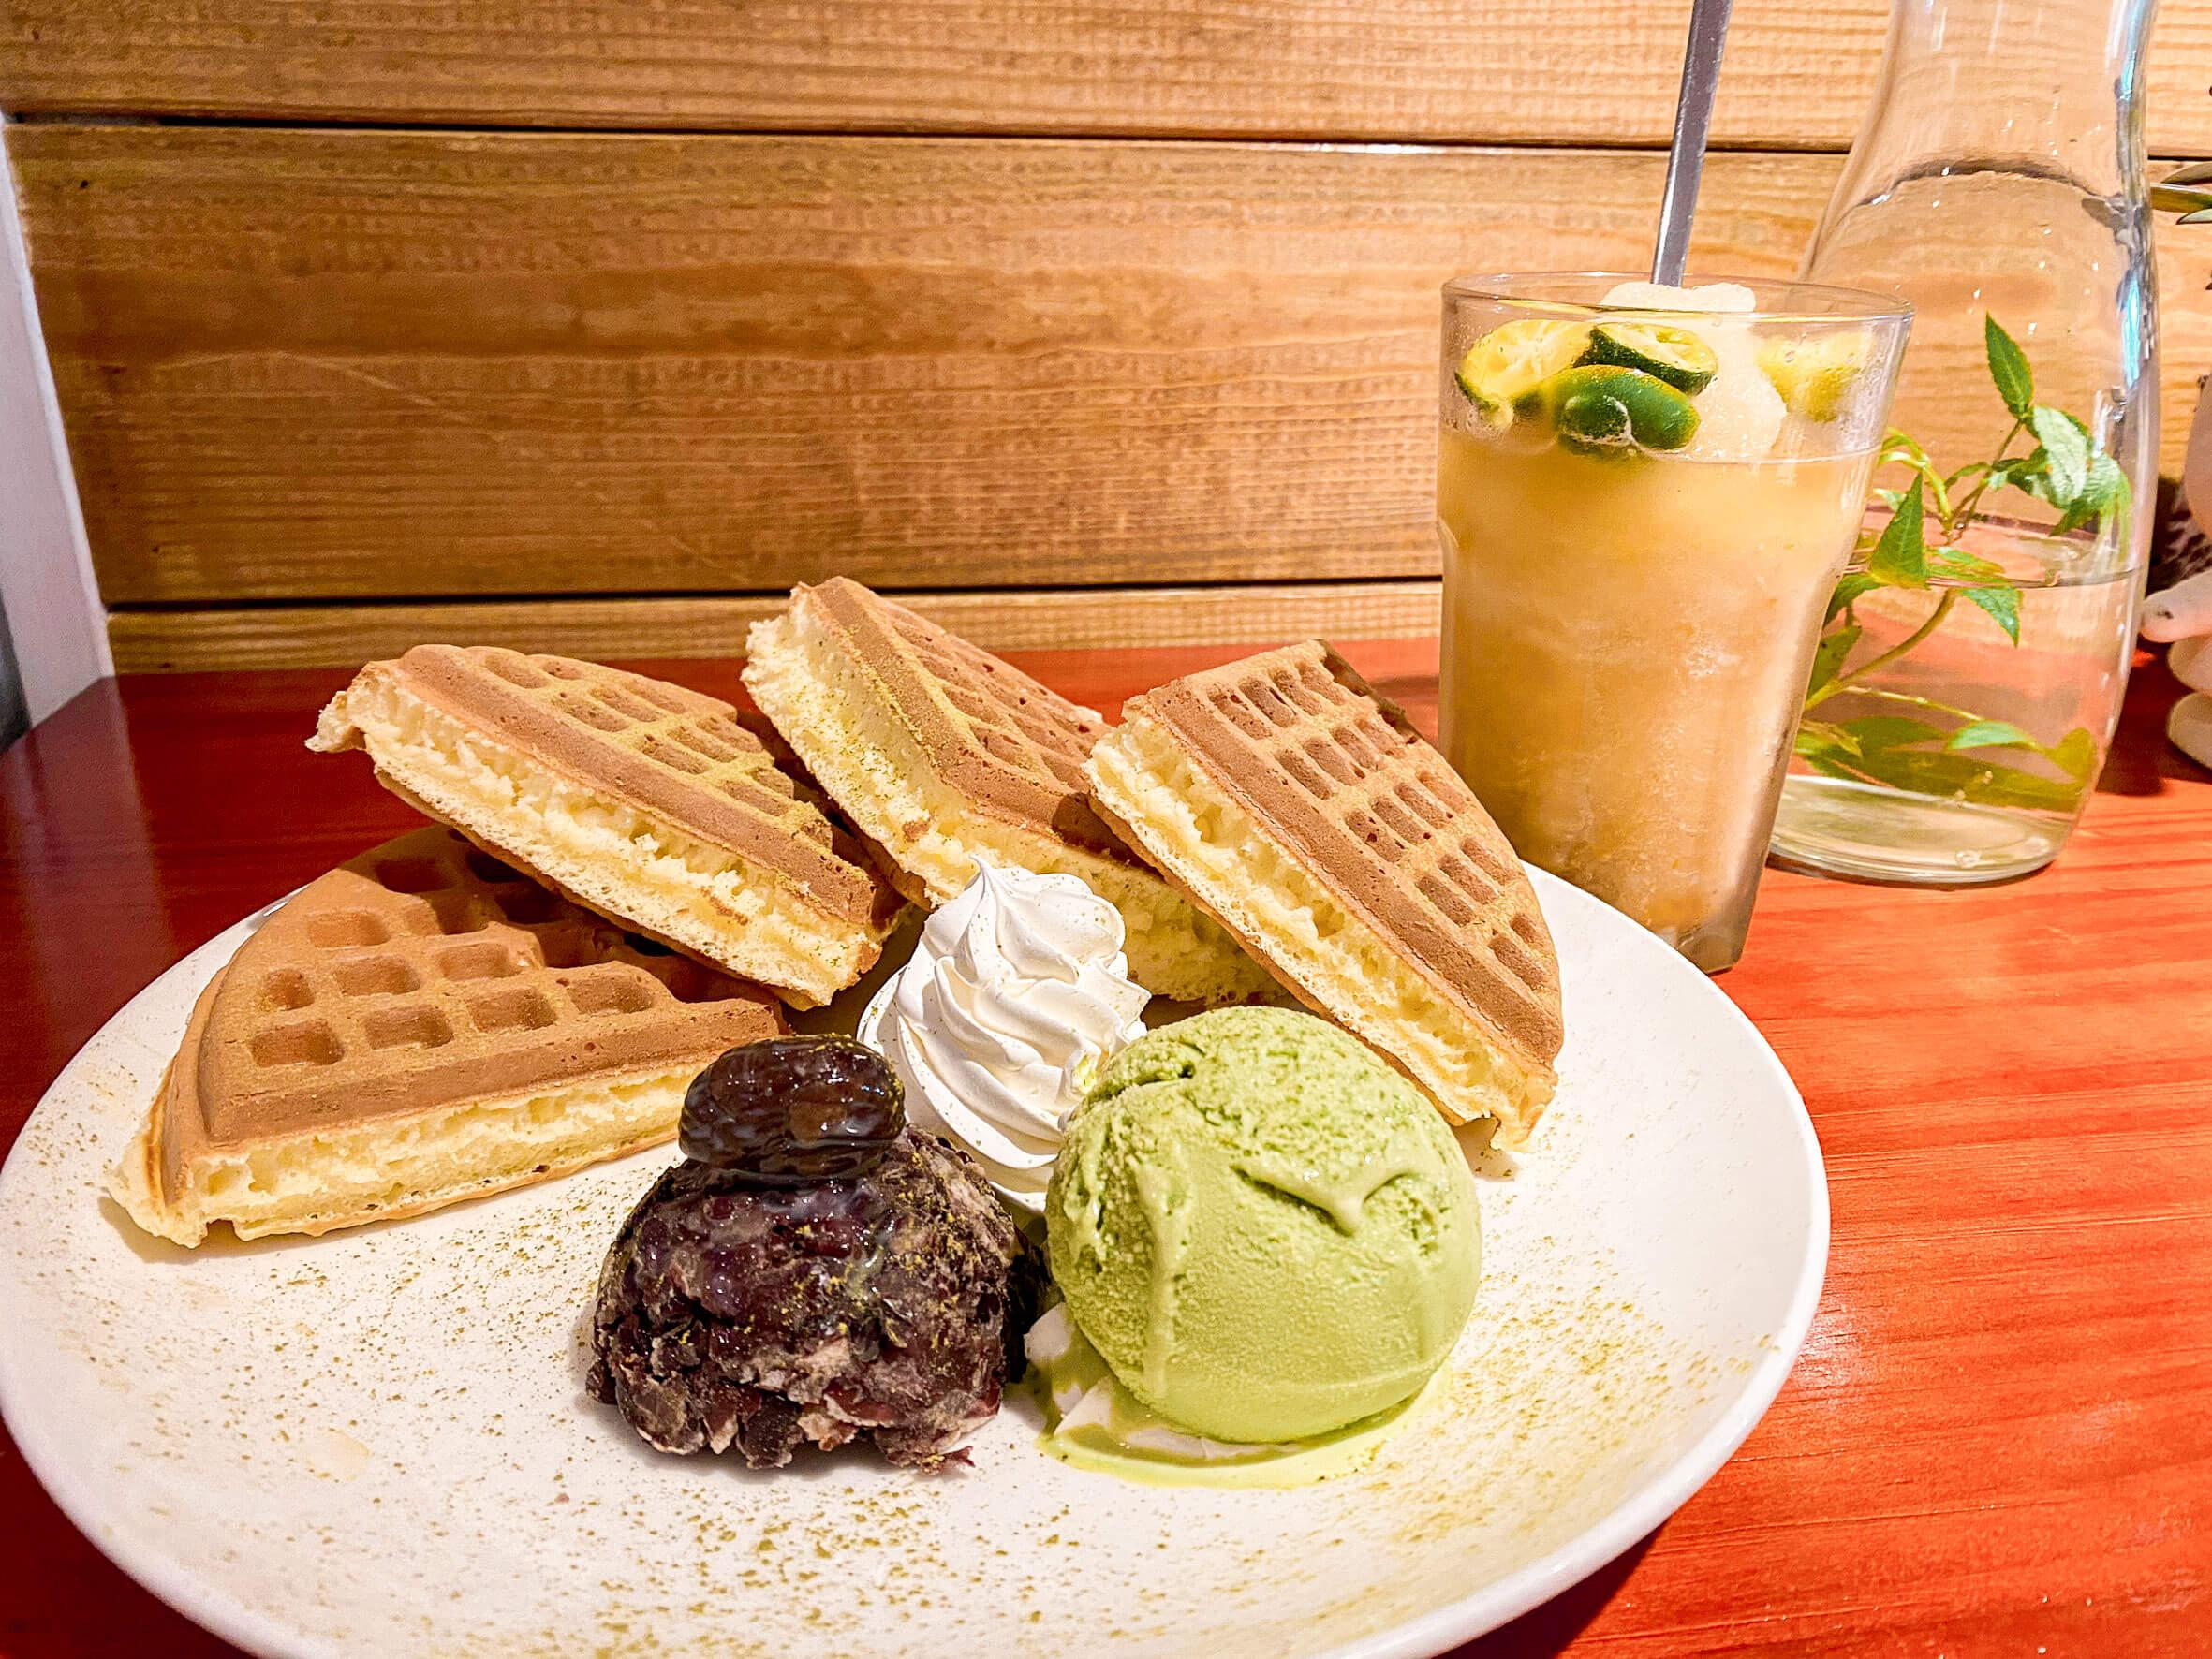 桃園景觀餐廳|丸山咖啡/ 復興區景觀餐廳 / 宇治抹茶紅豆鬆餅